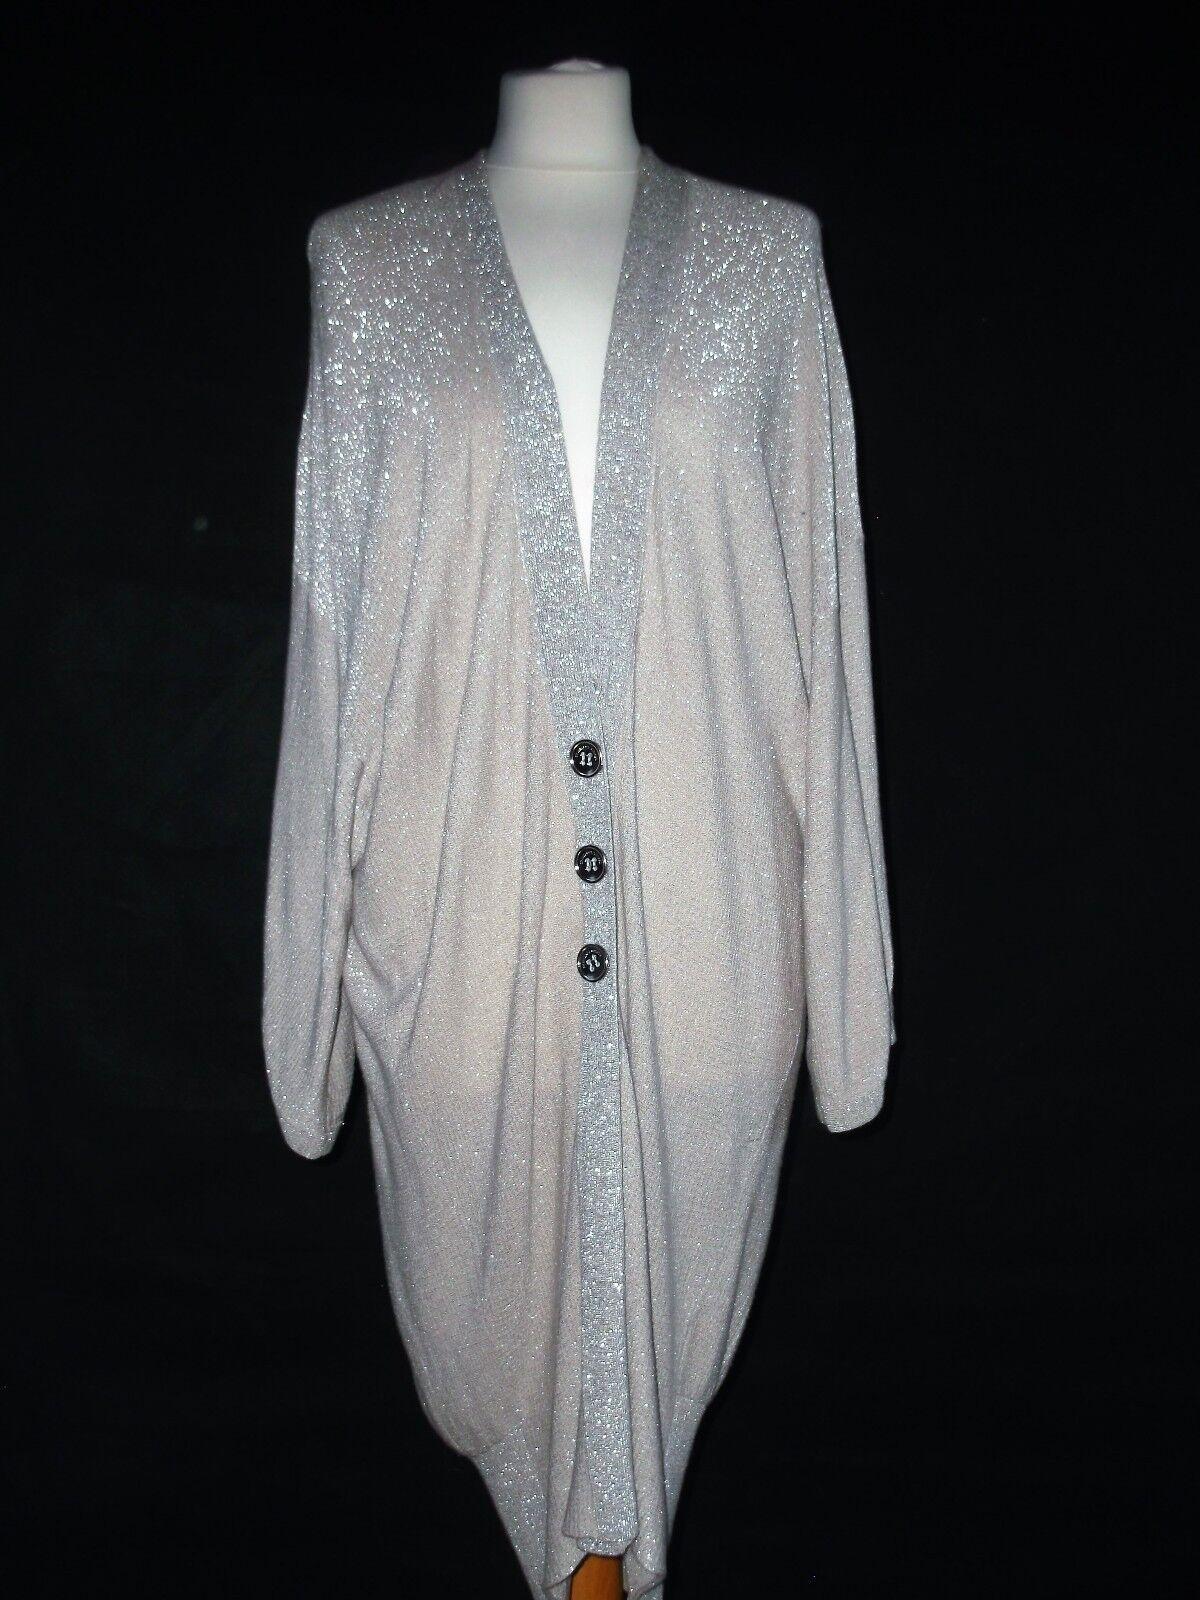 Vt29271 - Kaos man's grigio grigio man's sweater 5b8086